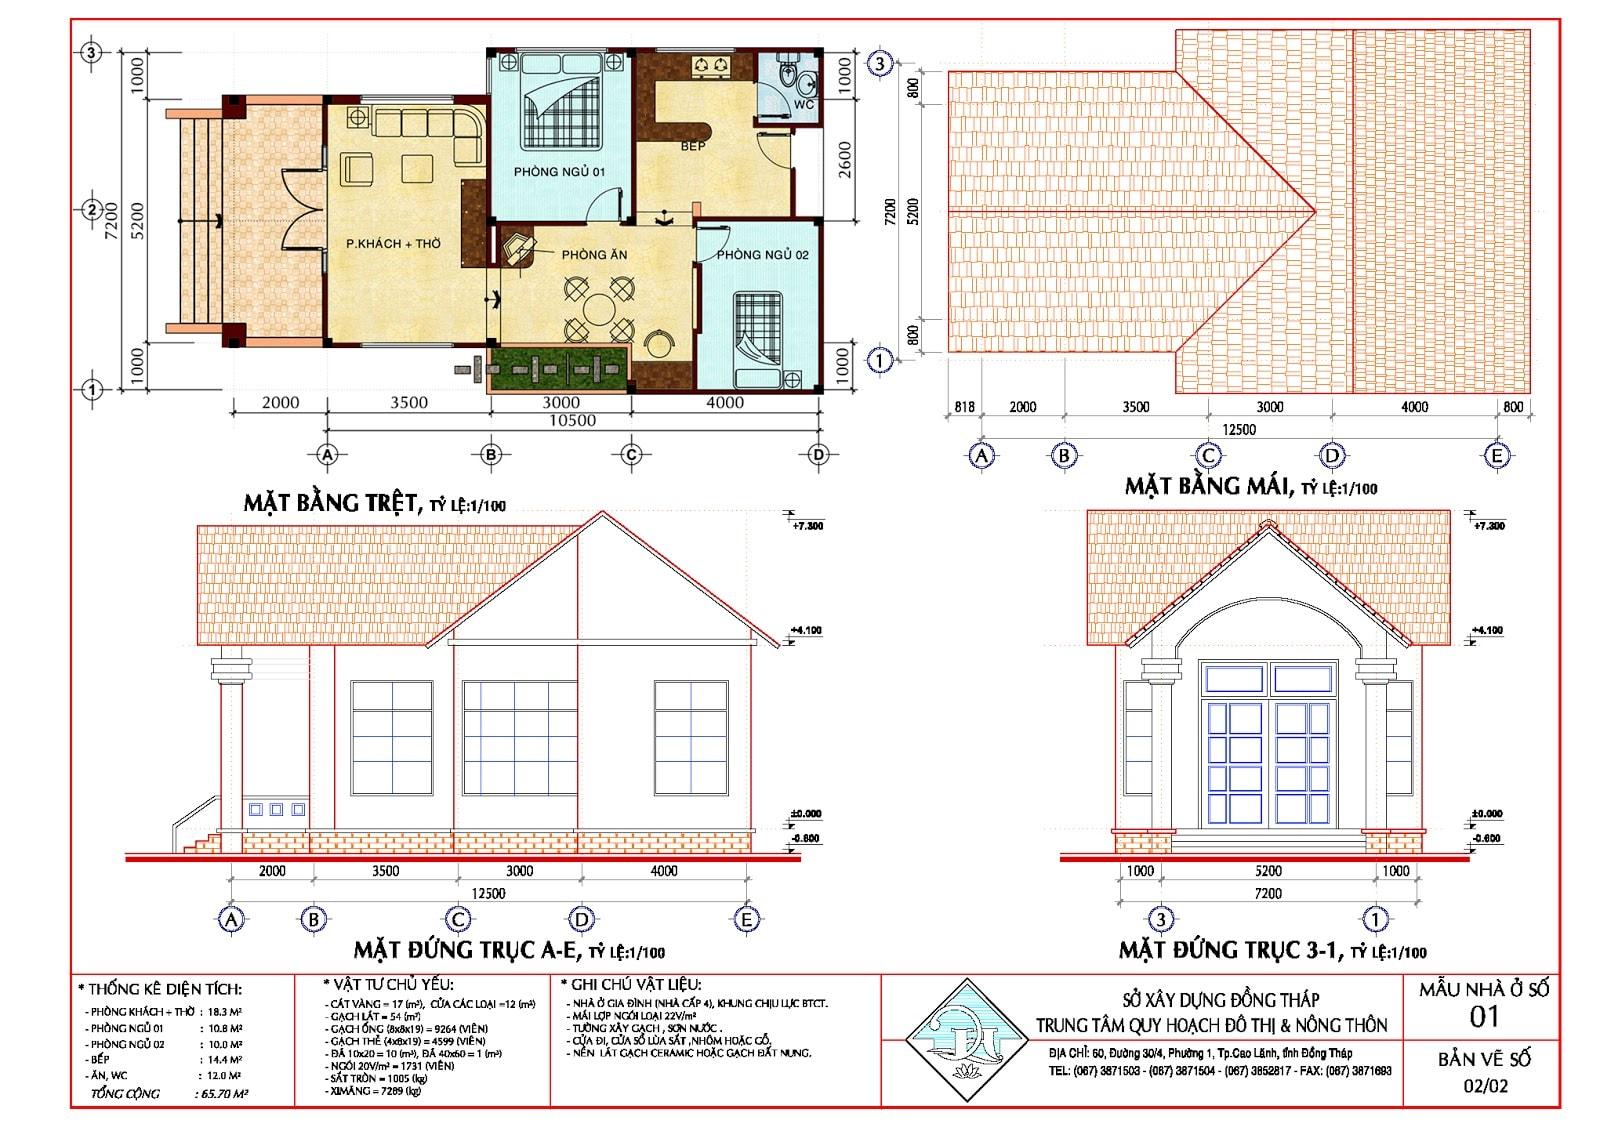 Mật độ xây dựng nhà ở là gì